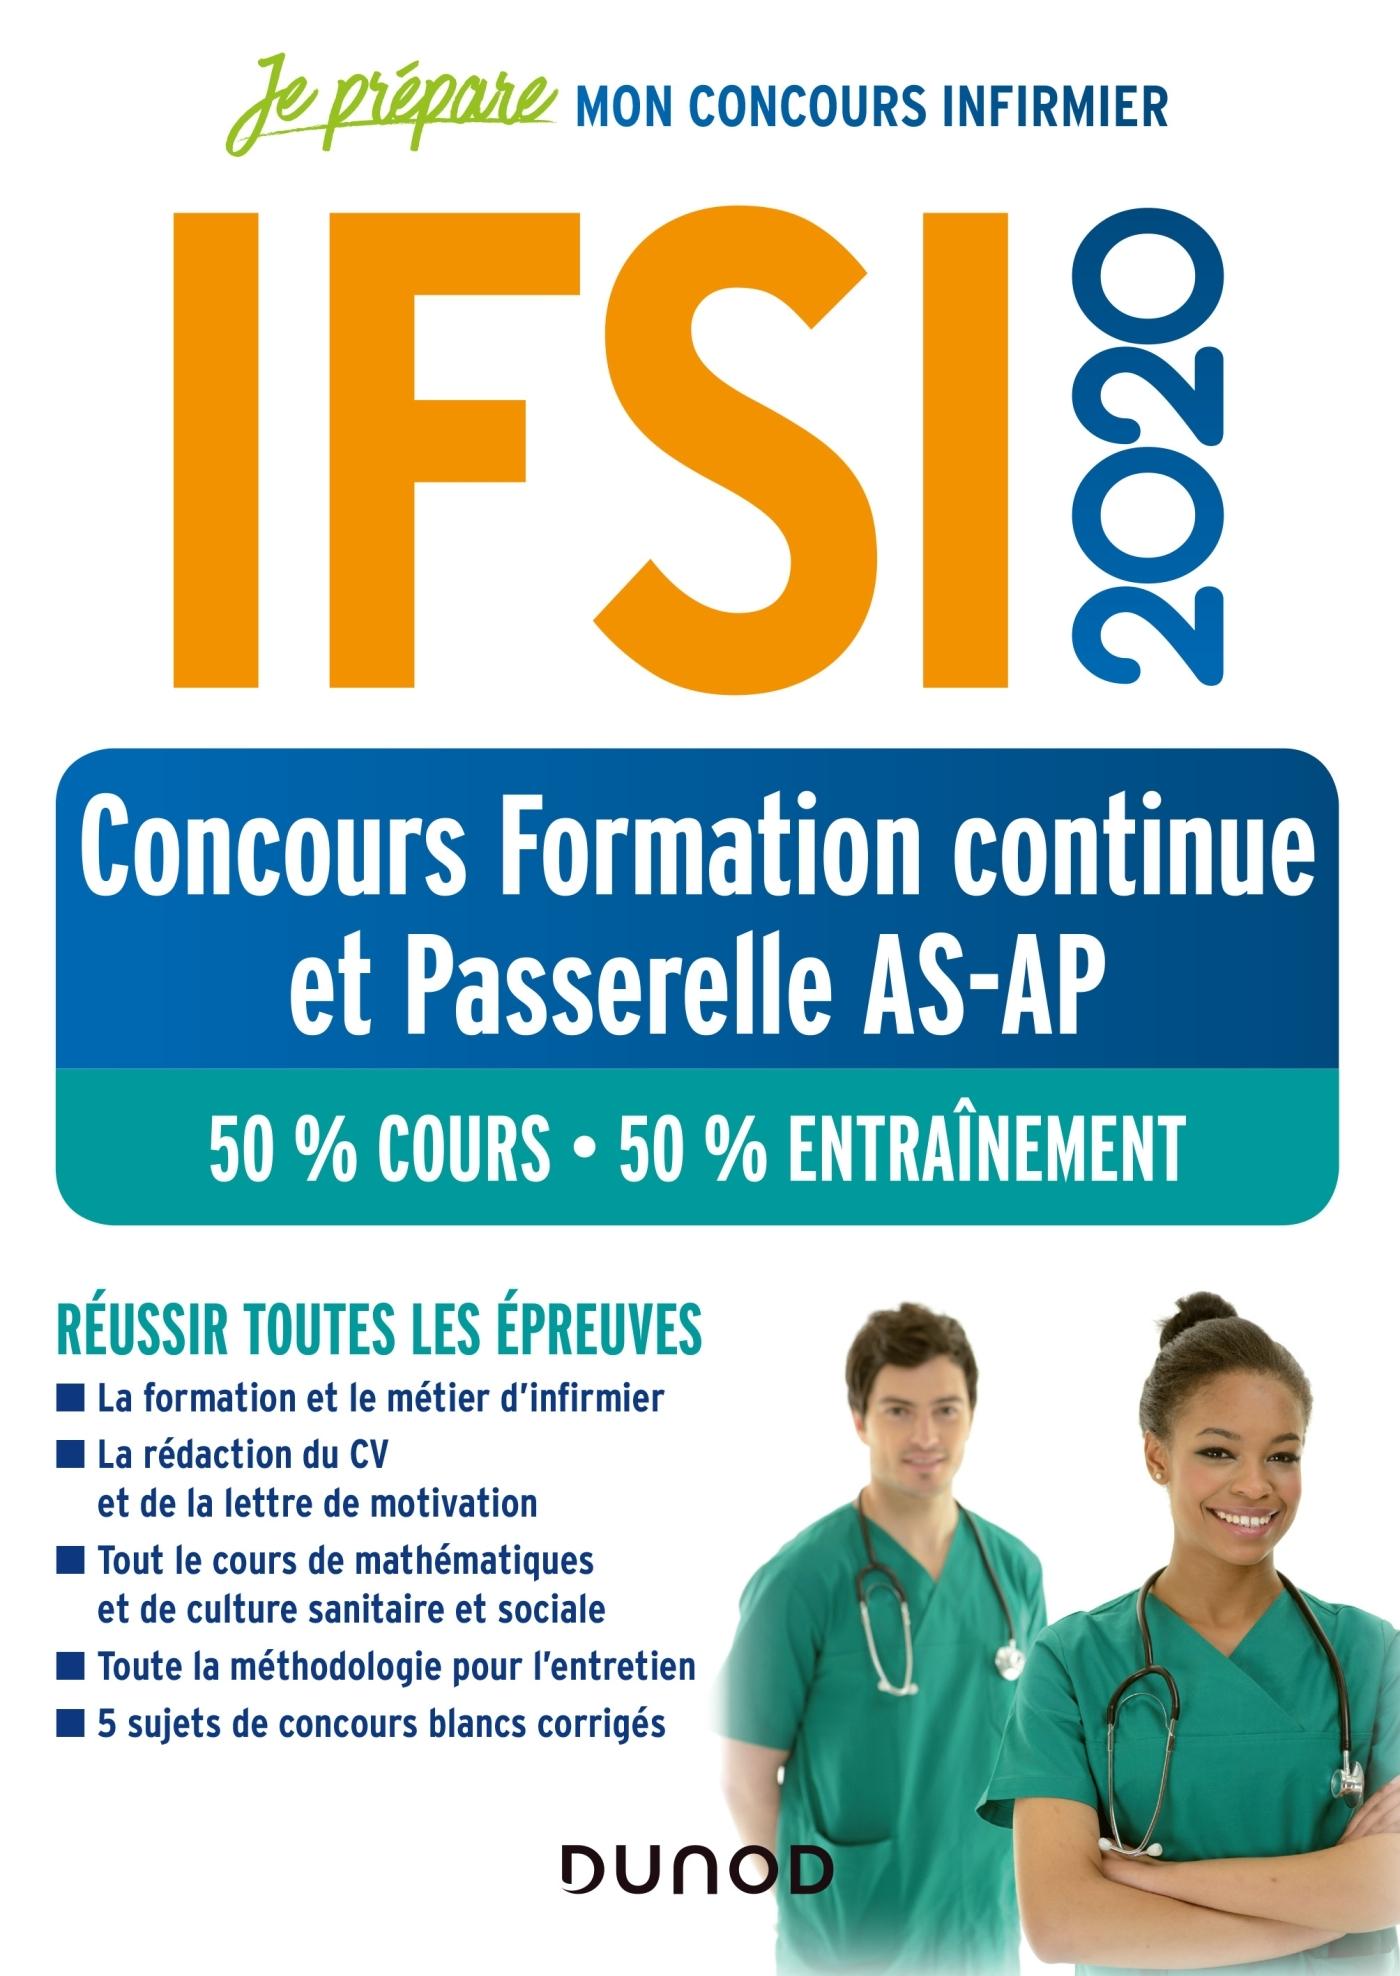 IFSI 2020 CONCOURS FORMATION CONTINUE ET PASSERELLE AS-AP - 50% COURS - 50% ENTRAINEMENT - 50% COURS